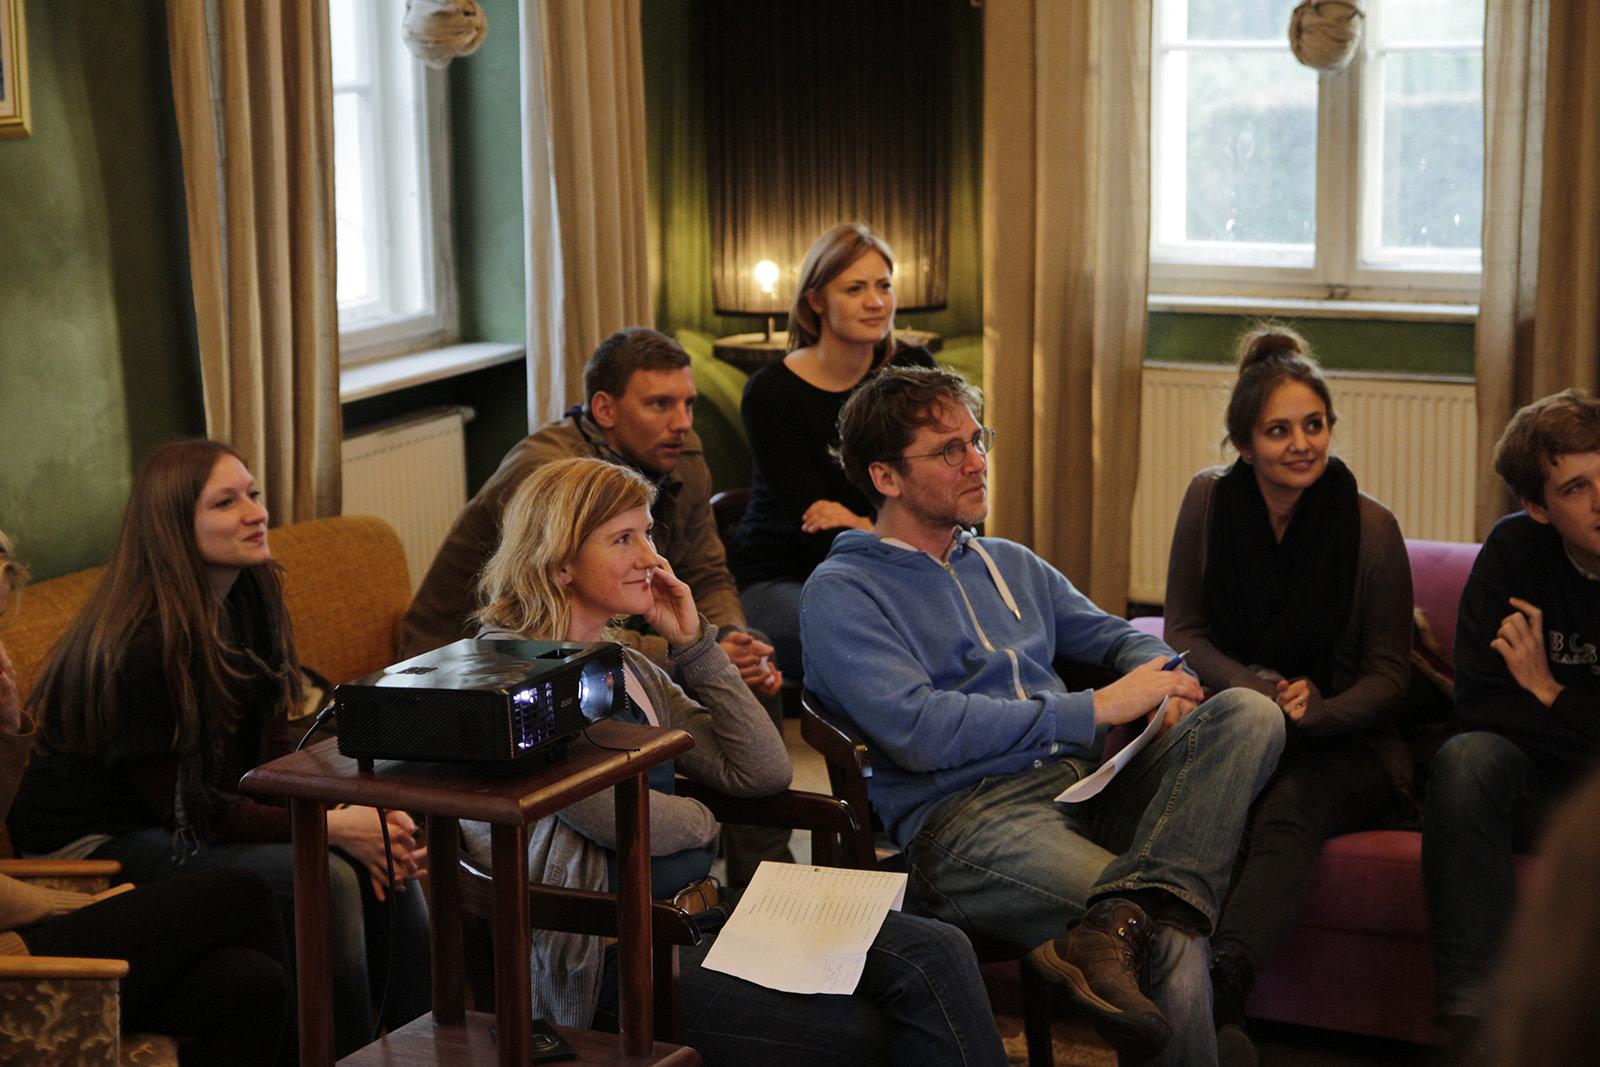 Menschen sitzen zusammen und hören einem Vortrag zu (Foto: Coconat)